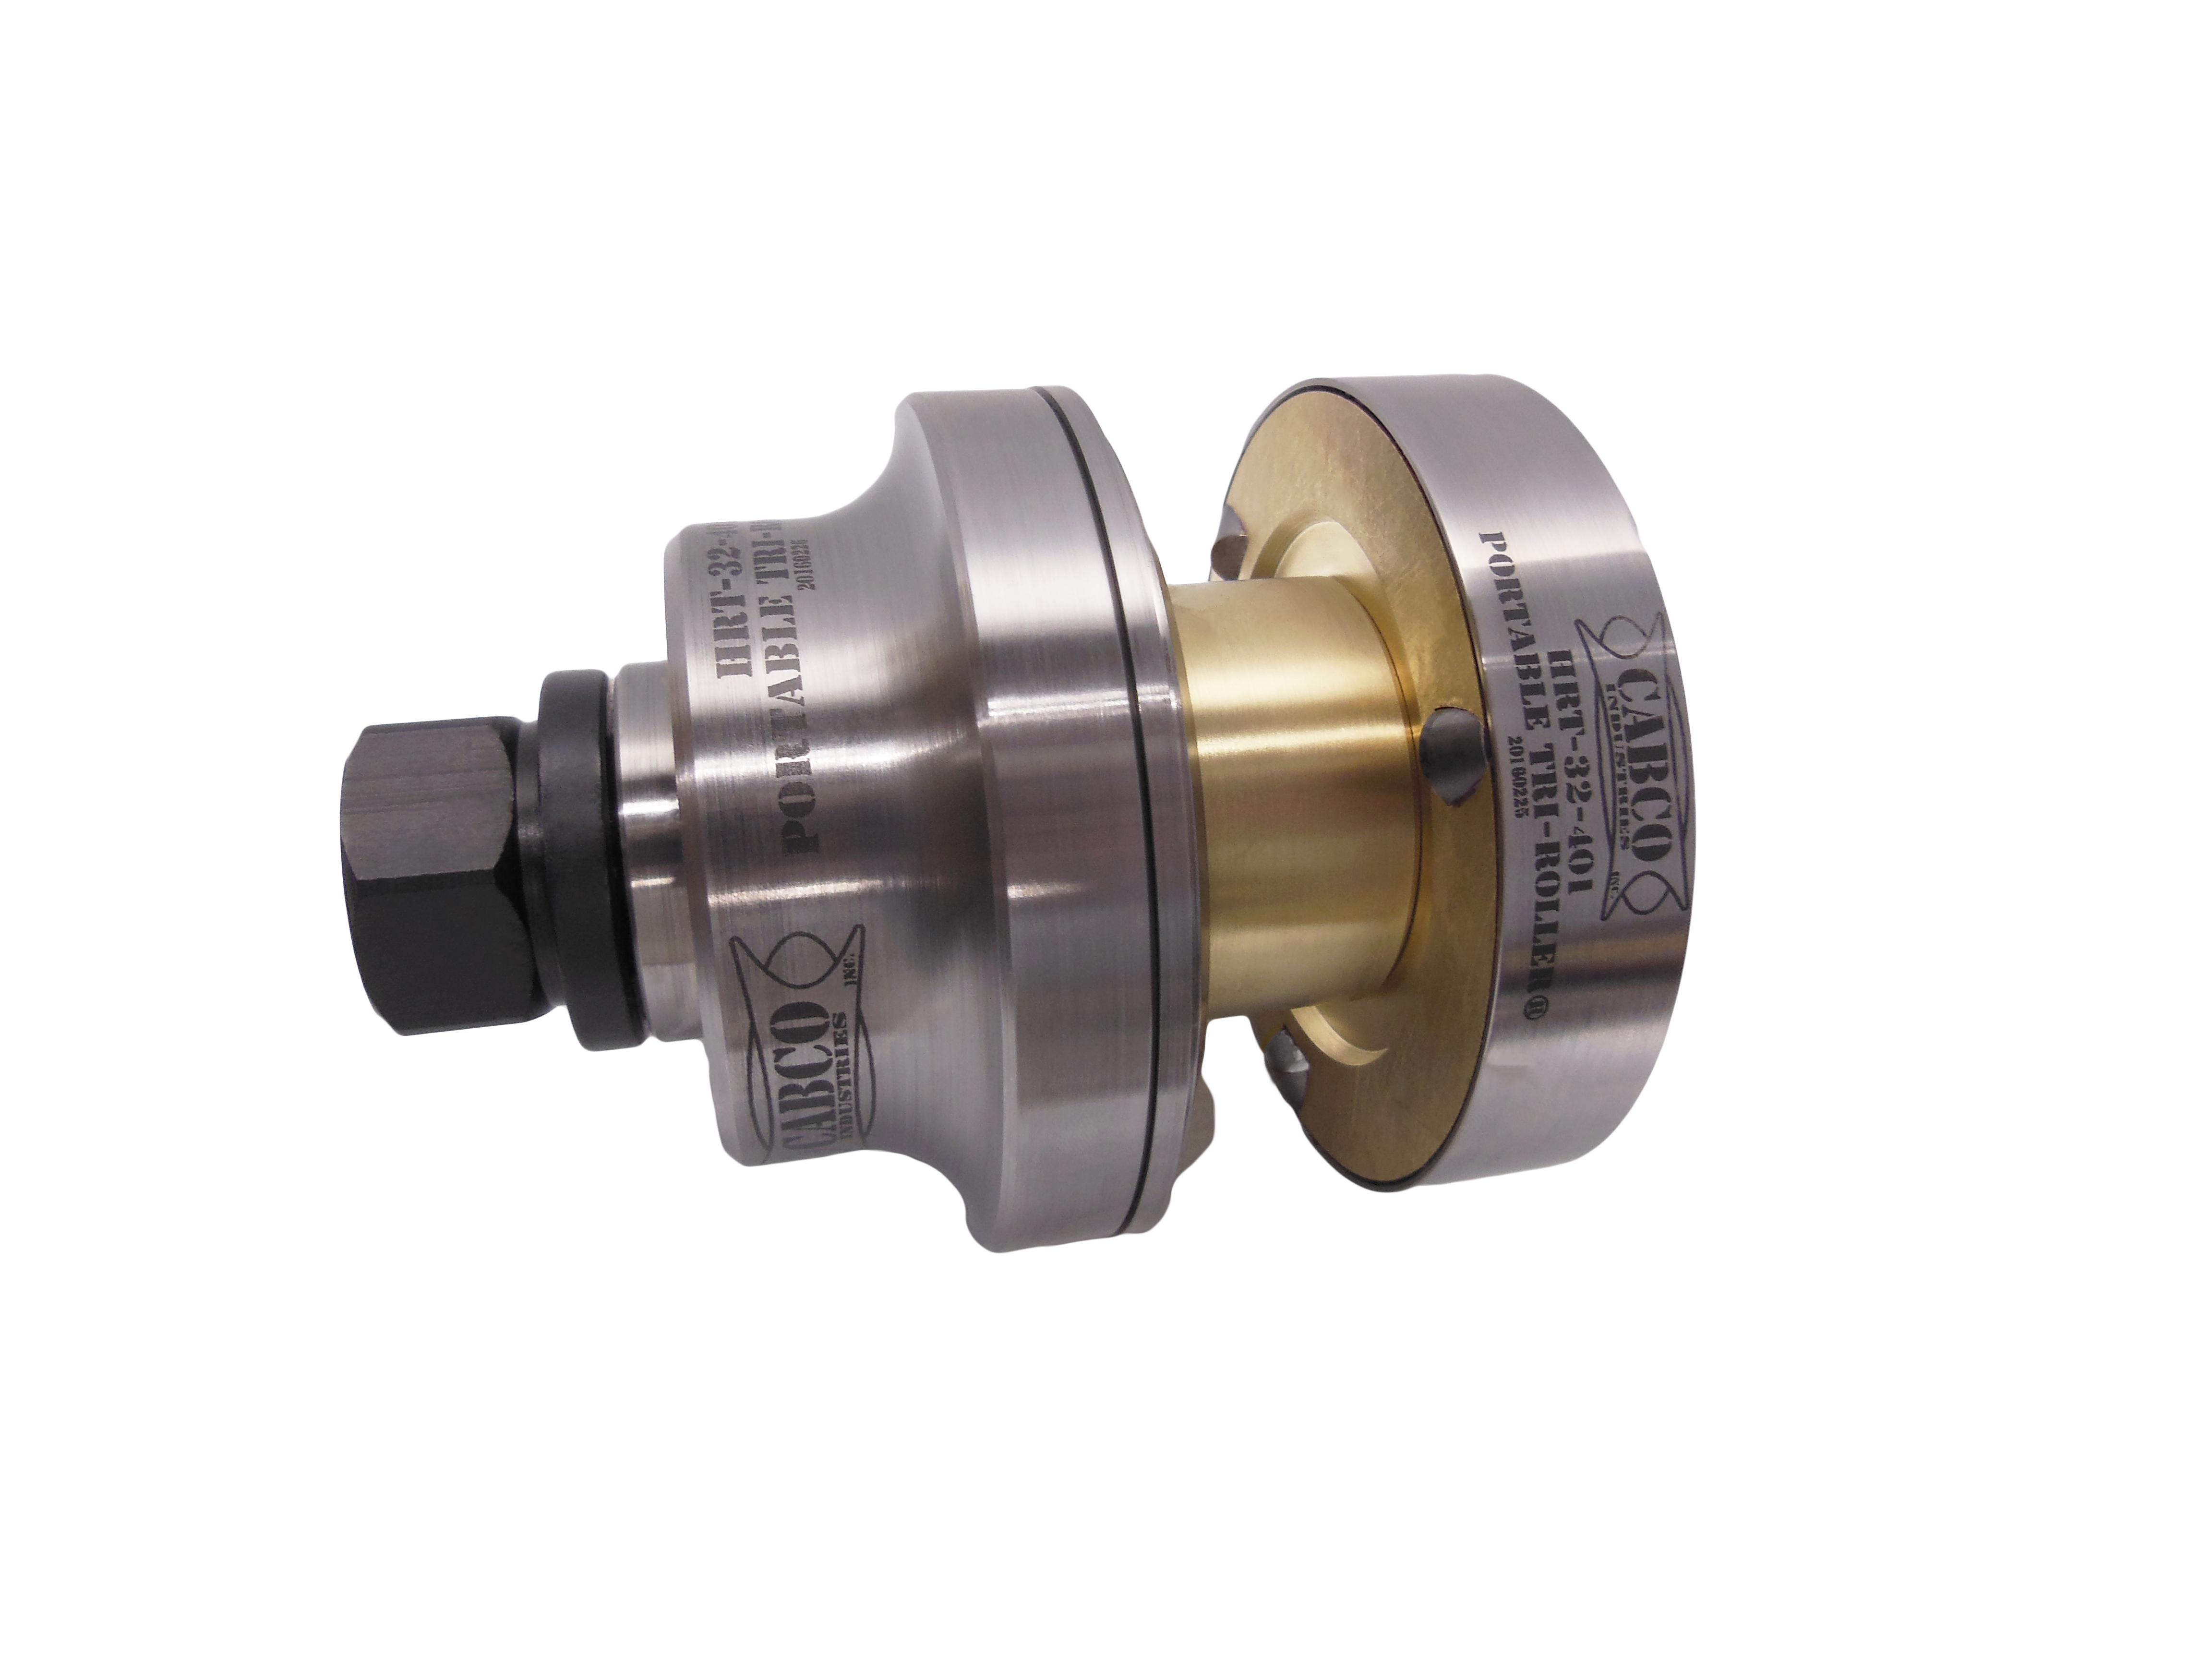 hrt-32-401